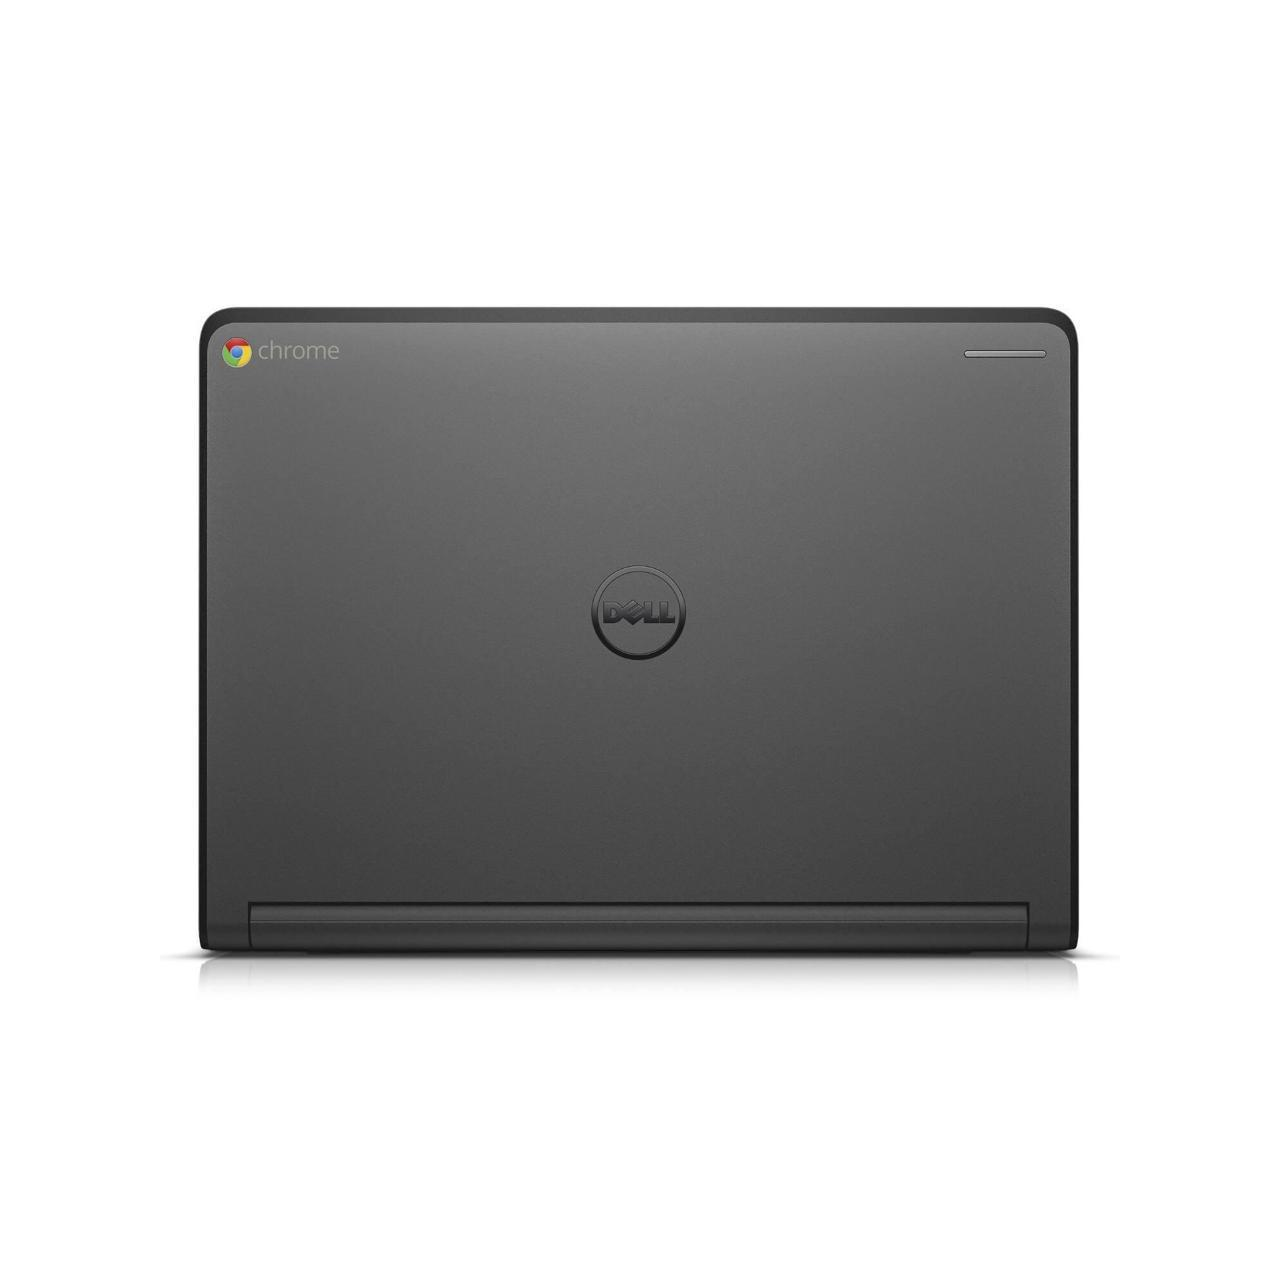 Dell Chromebook 11 (2015) Celeron N2840 2.16 GHz 16GB SSD - 4GB